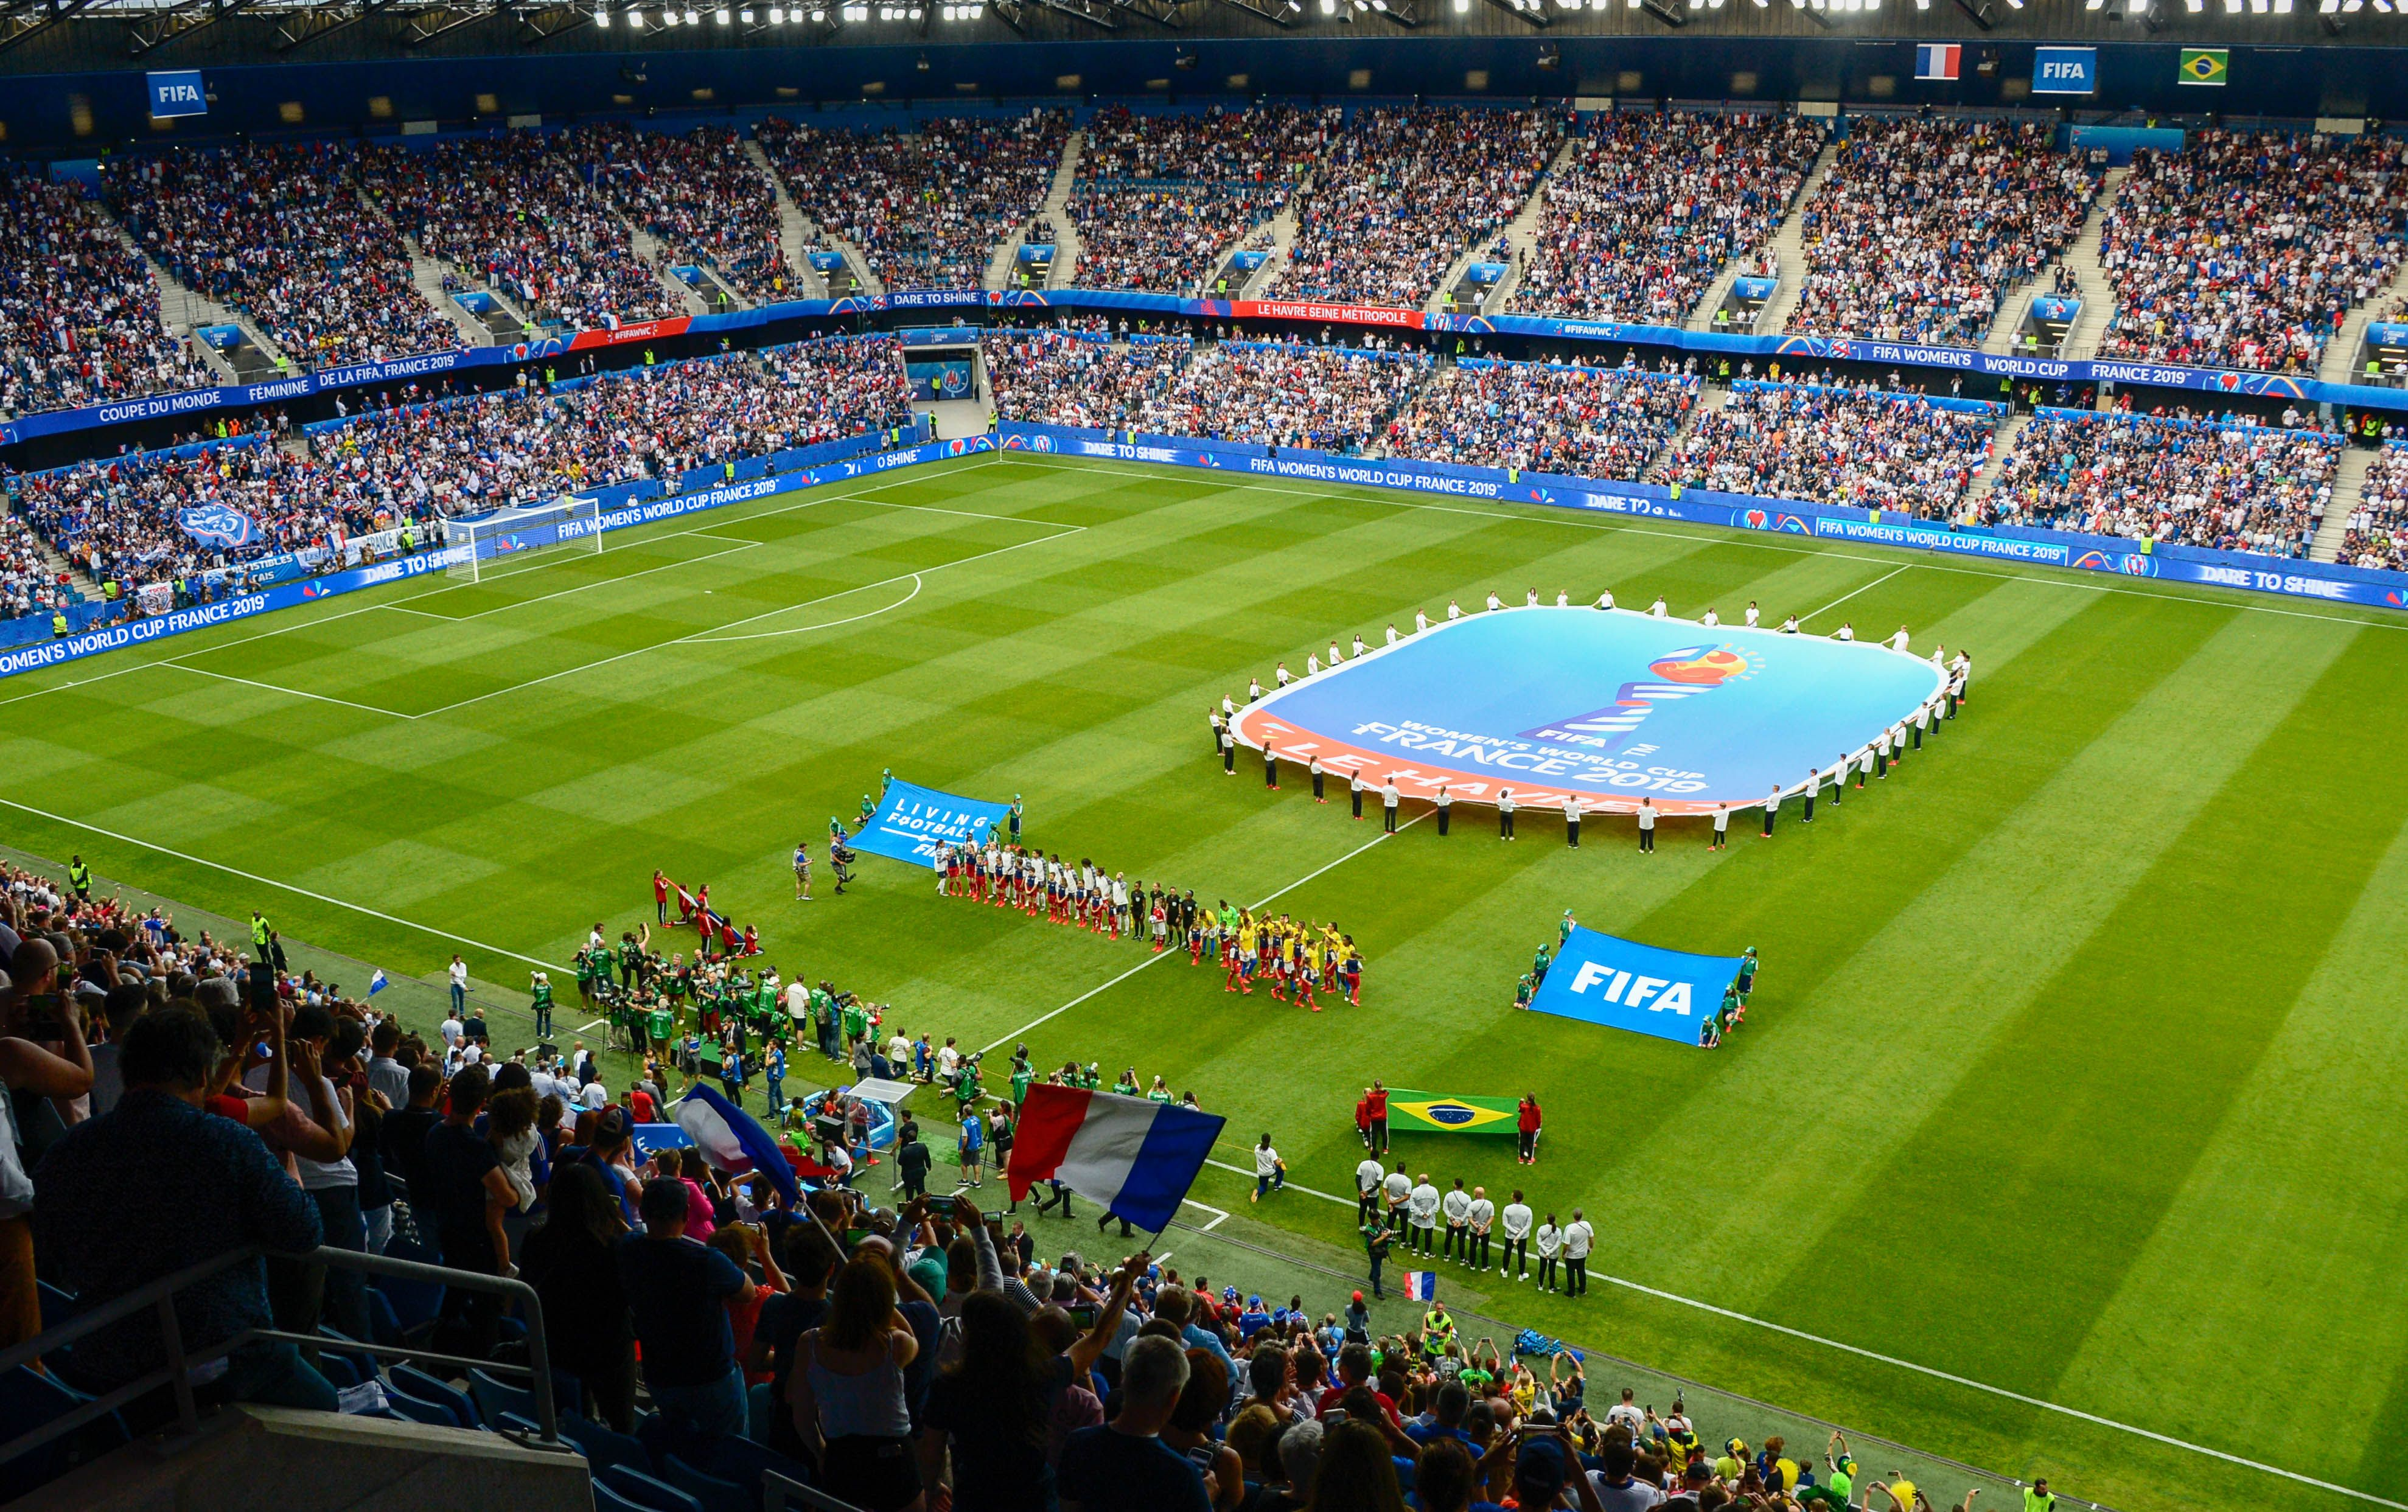 Coupe Du Monde Feminine 2019 Calendrier Stade.Coupe Du Monde Feminine 2019 Un Succes Populaire